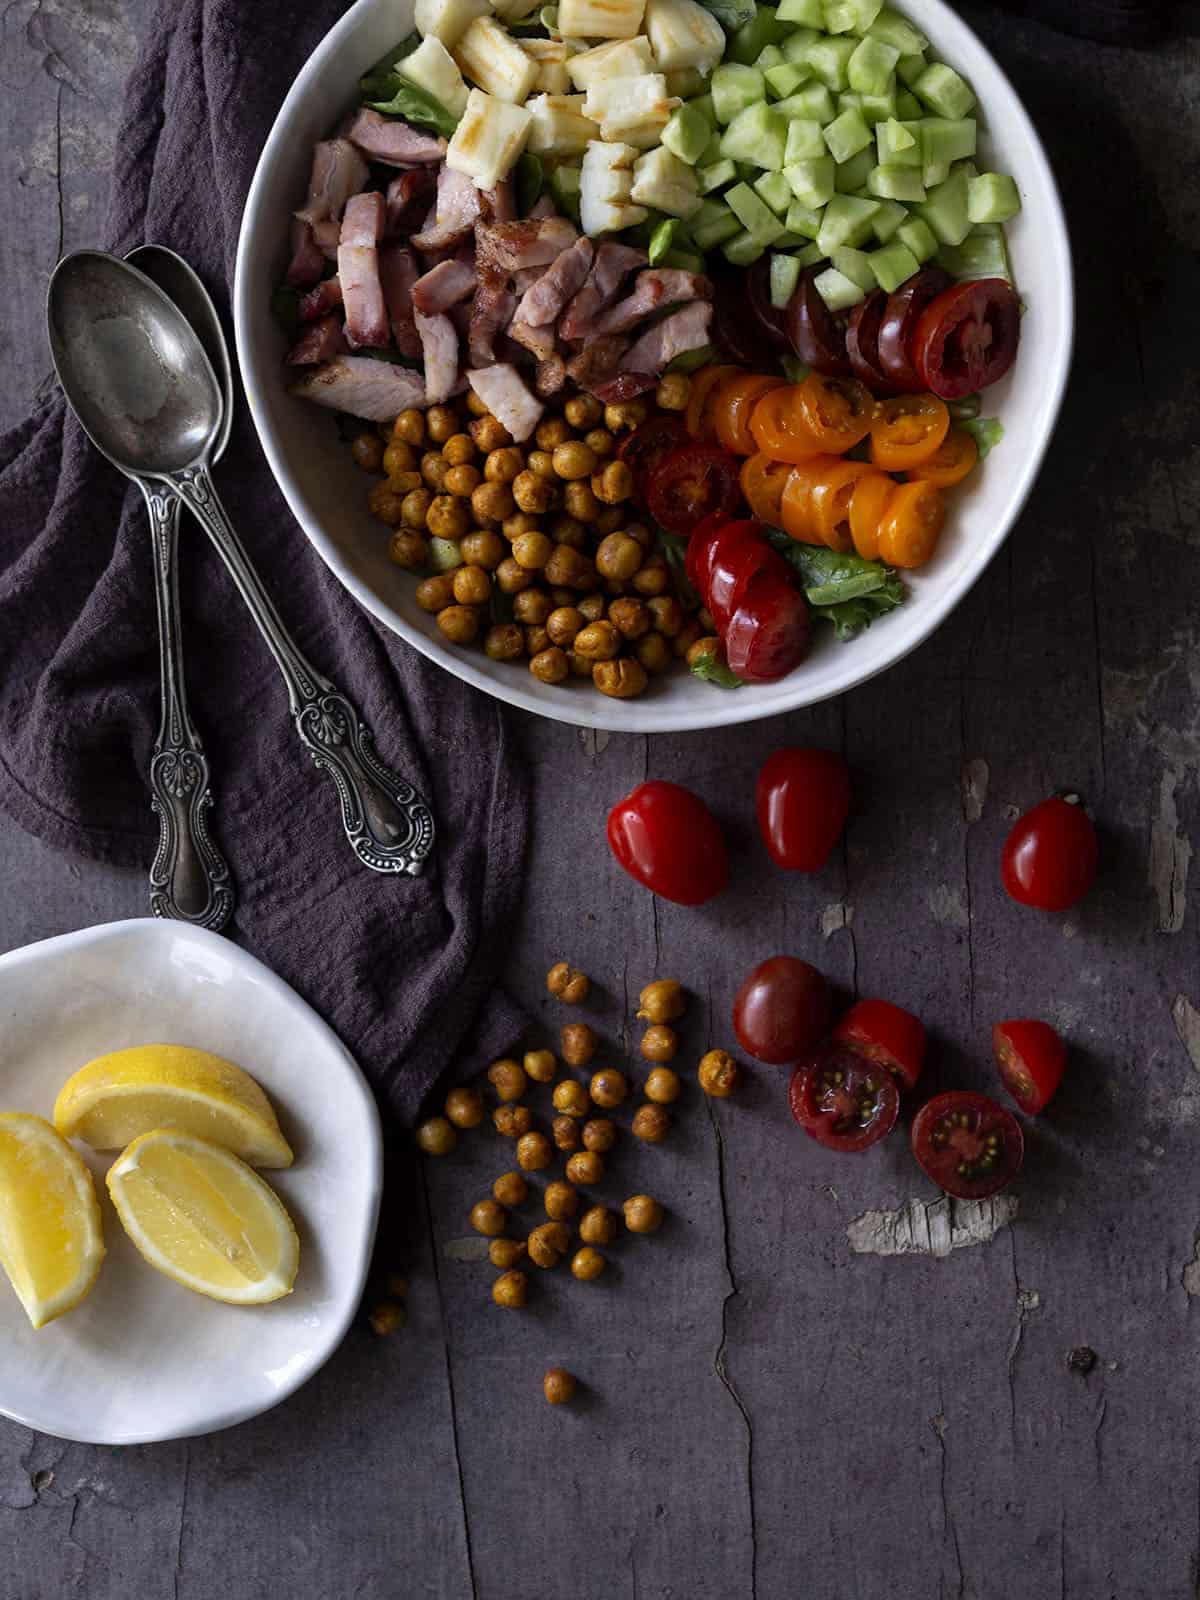 σαλάτα με ρεβύθια και σύγκλινο